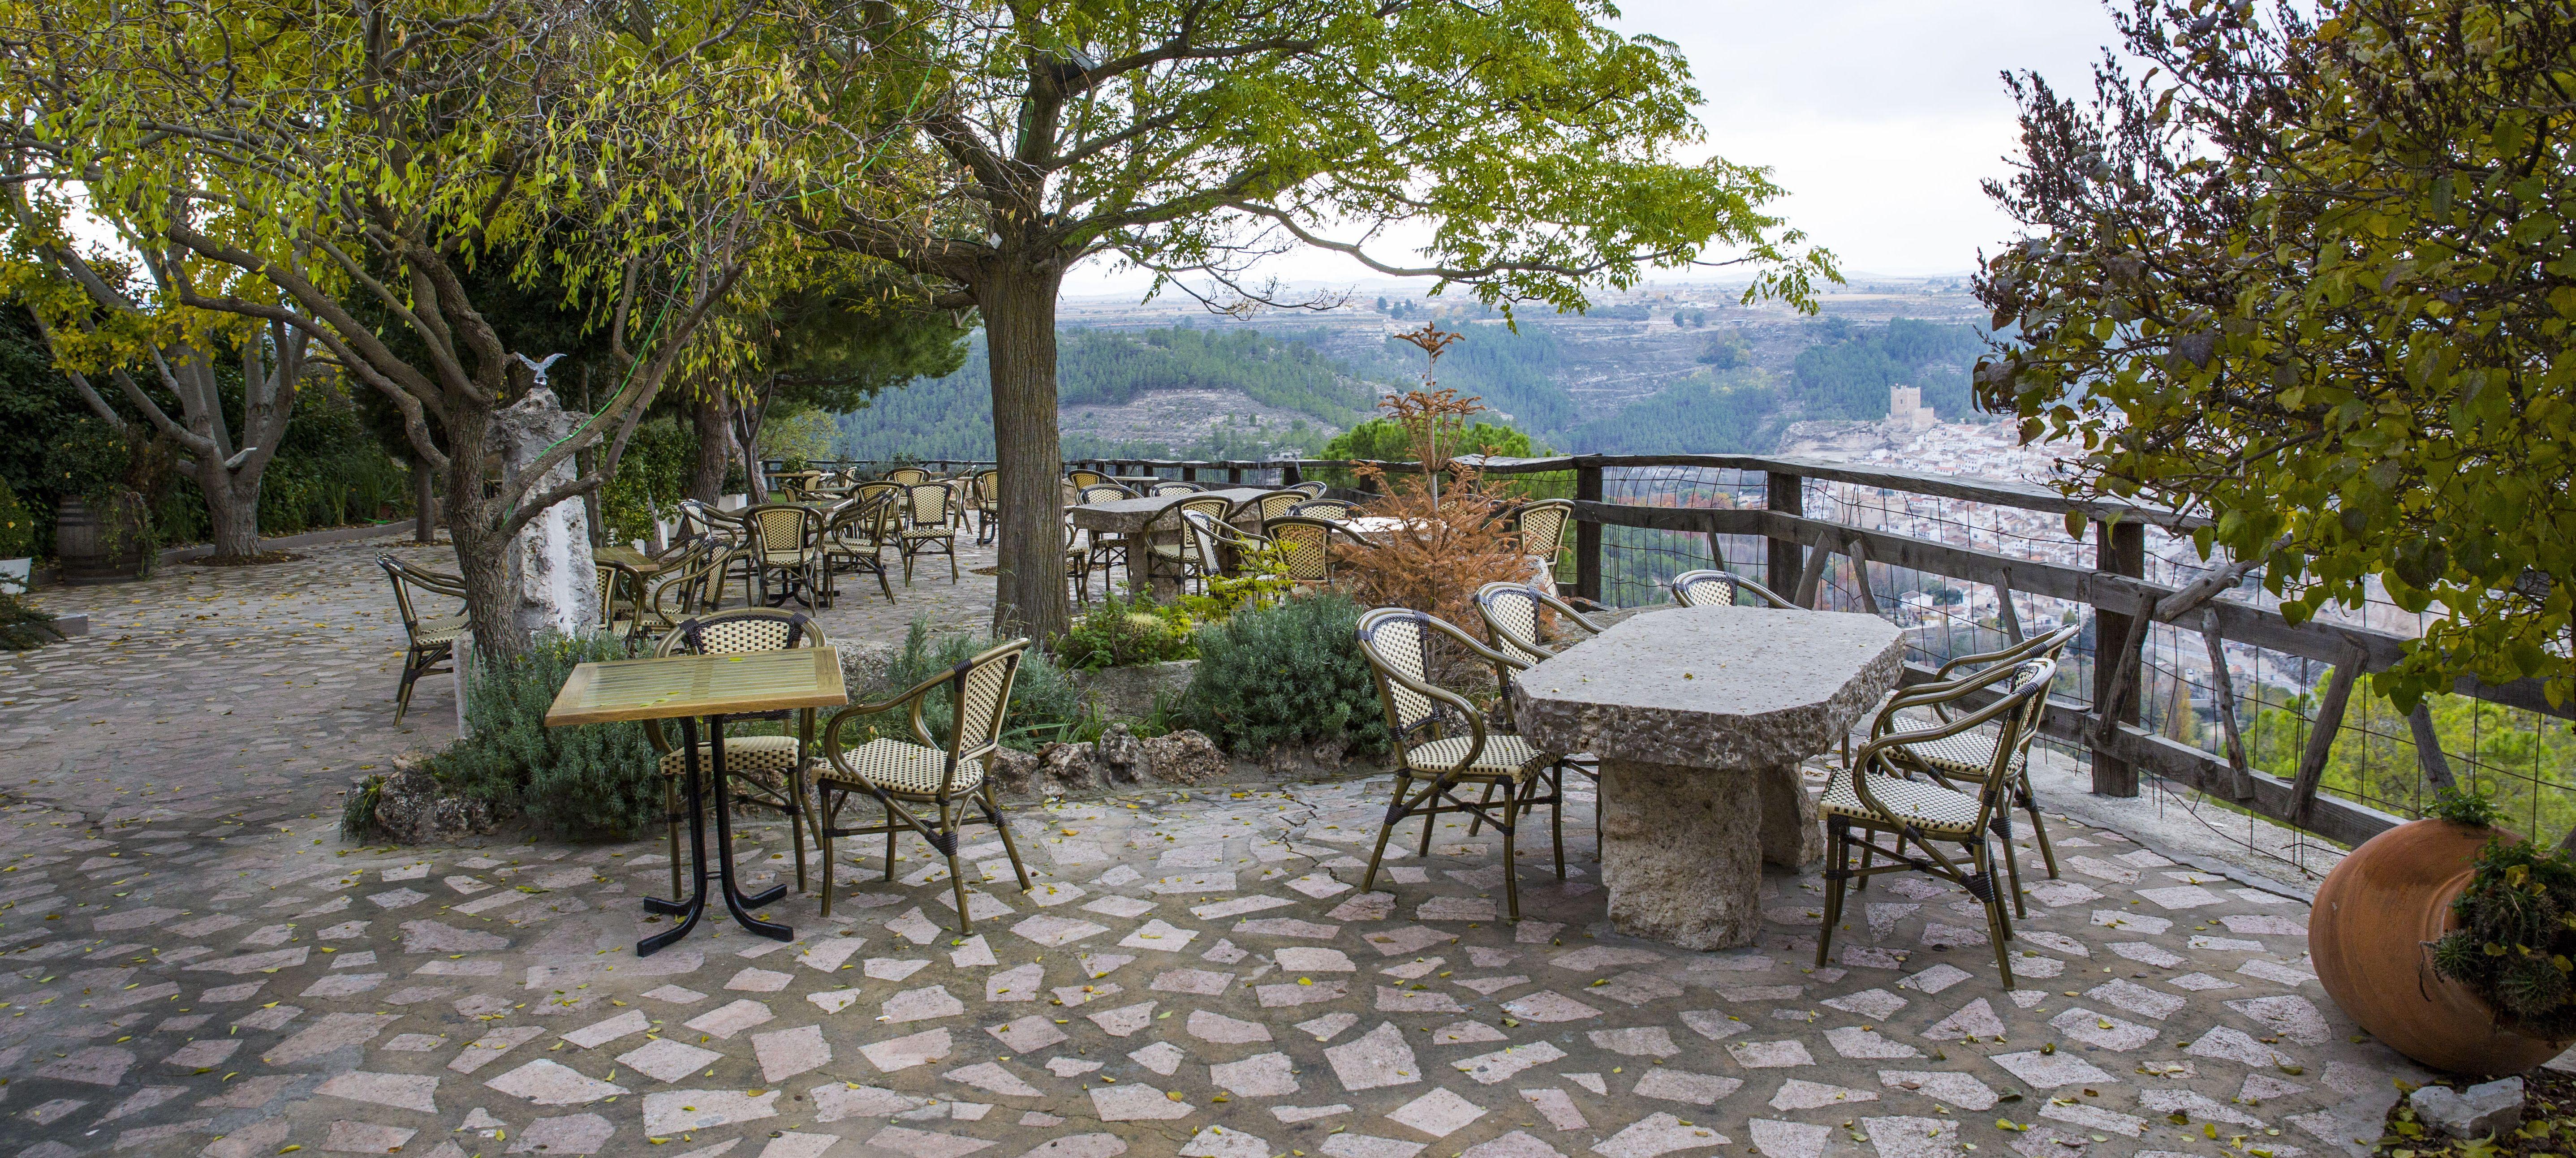 Disfruta de la terraza del restaurante